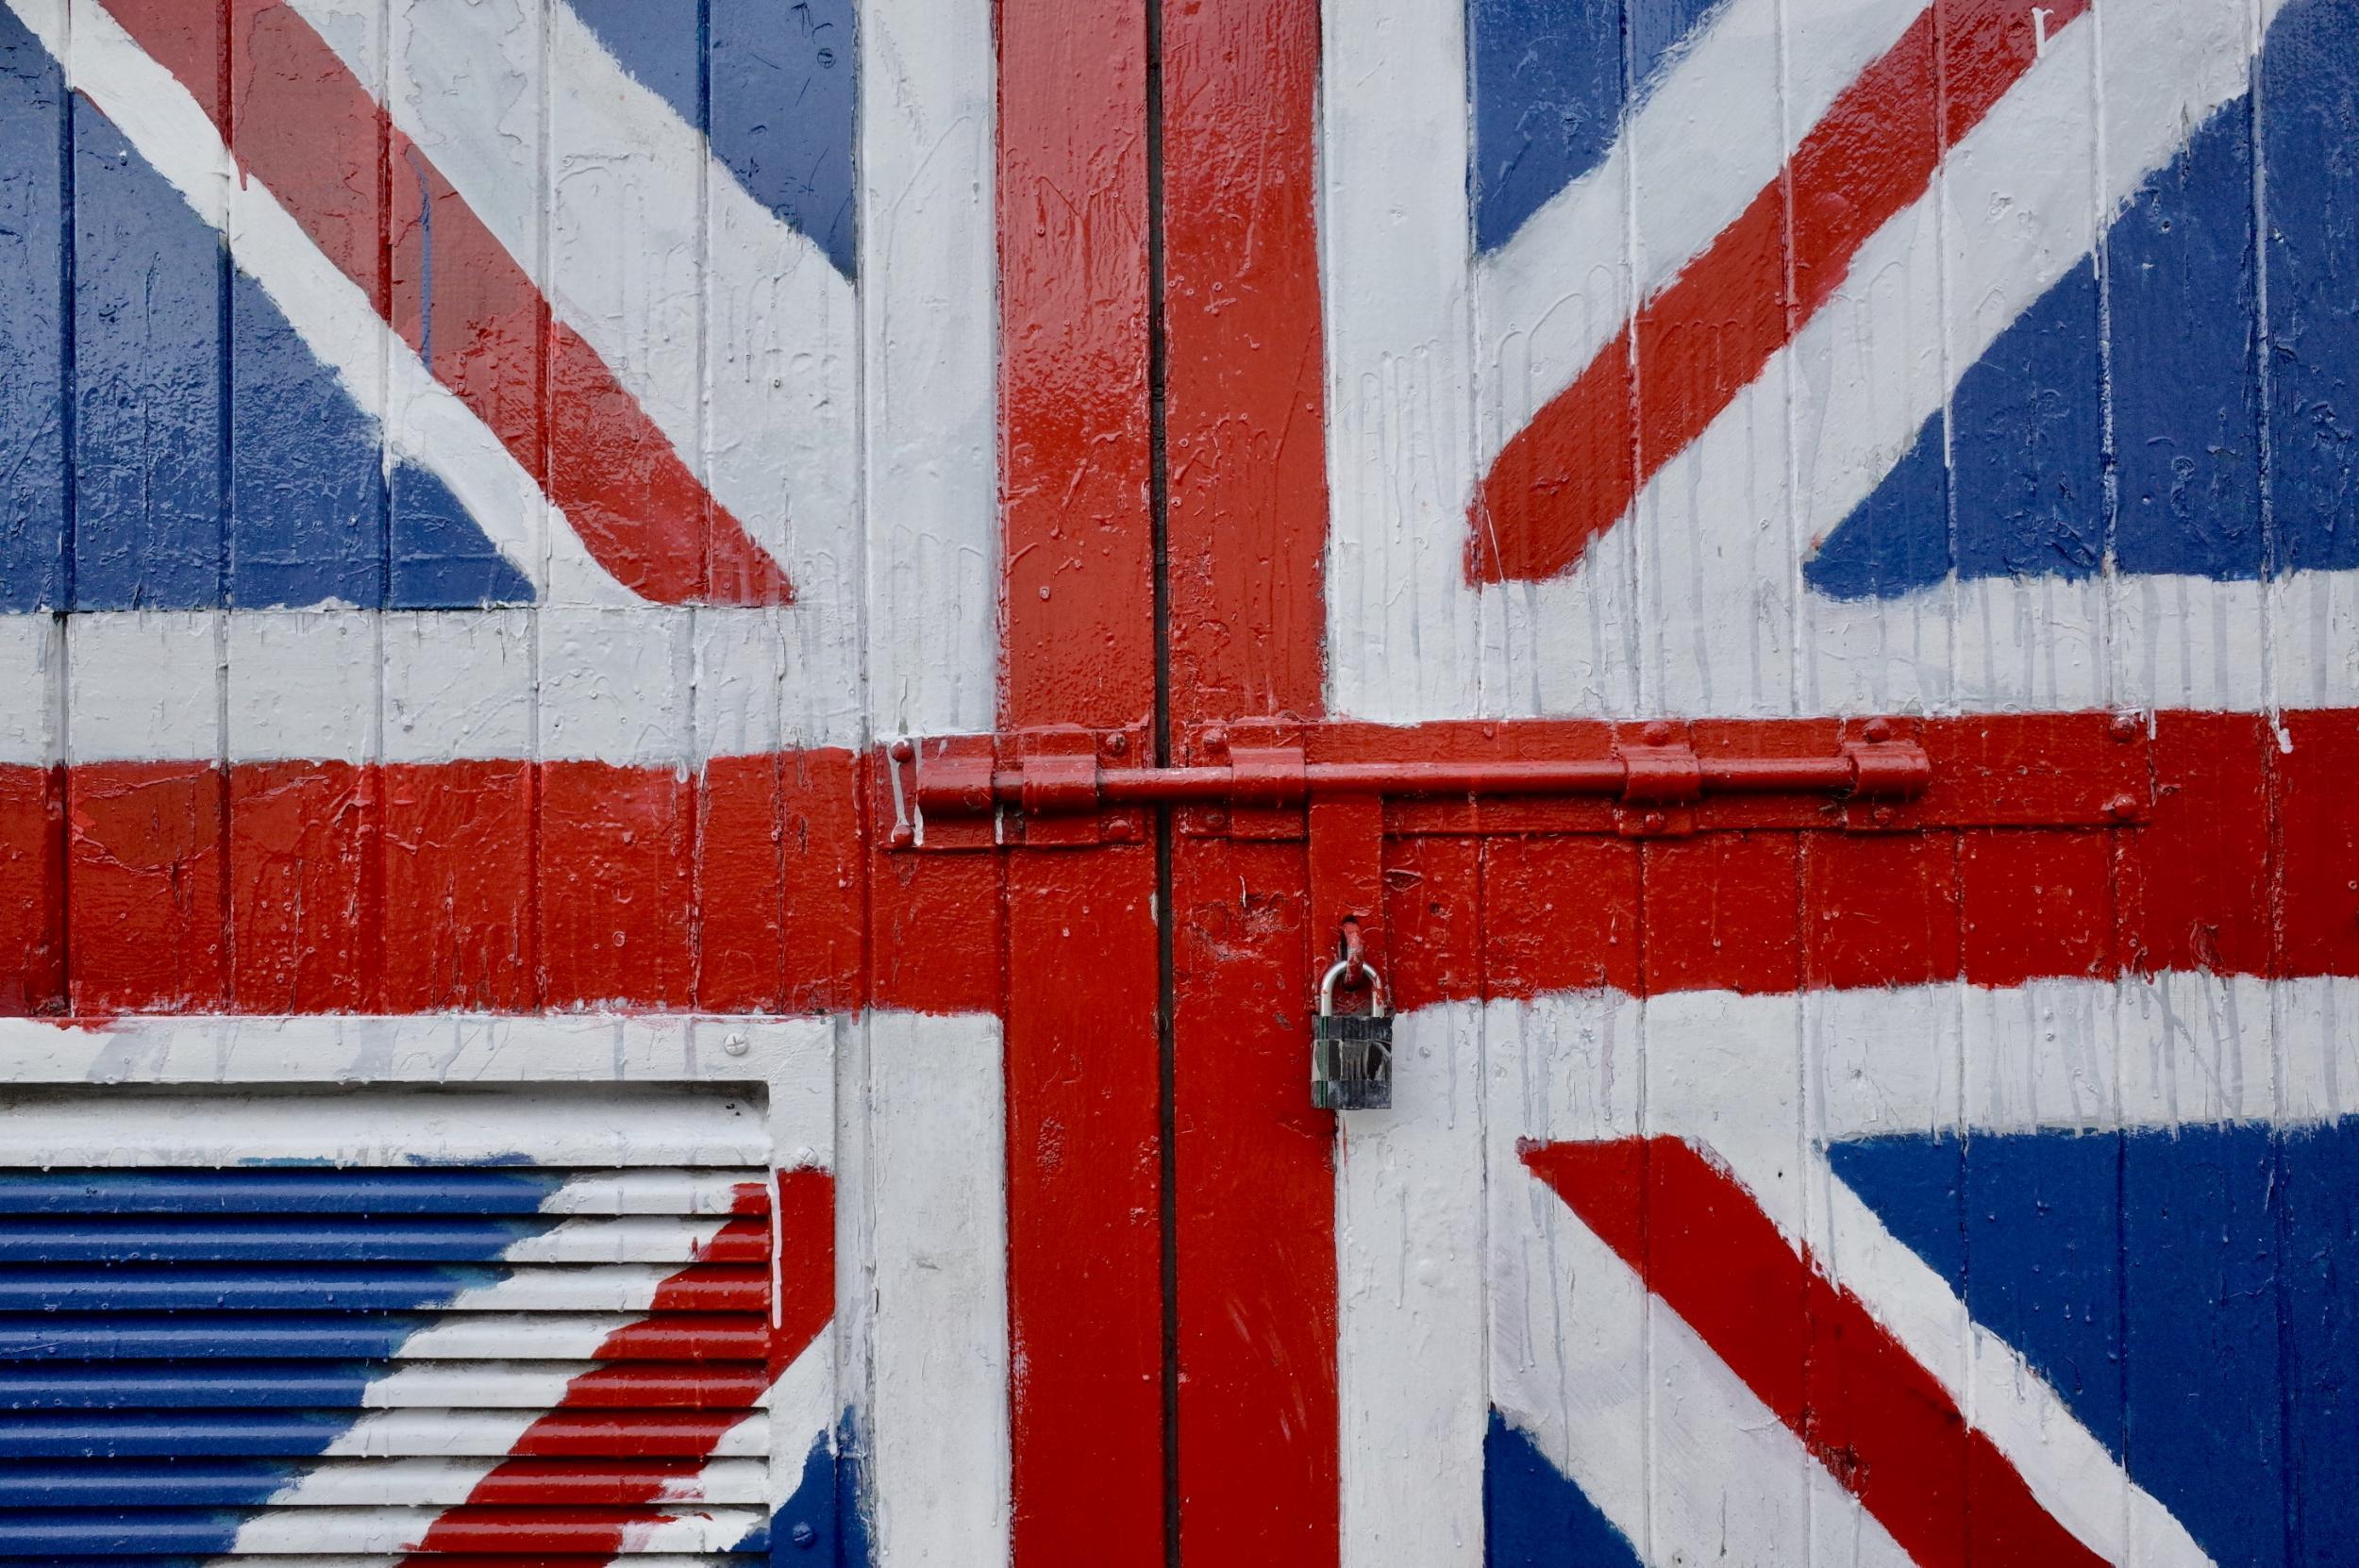 Derry, Londonderry: Lelakatolt unionista garázsajtó, a Brexit-Britannia metaforája: a kívülről jövőktől elzárja és megvédi, ami bent van. (Richard Morgan / The Independent)